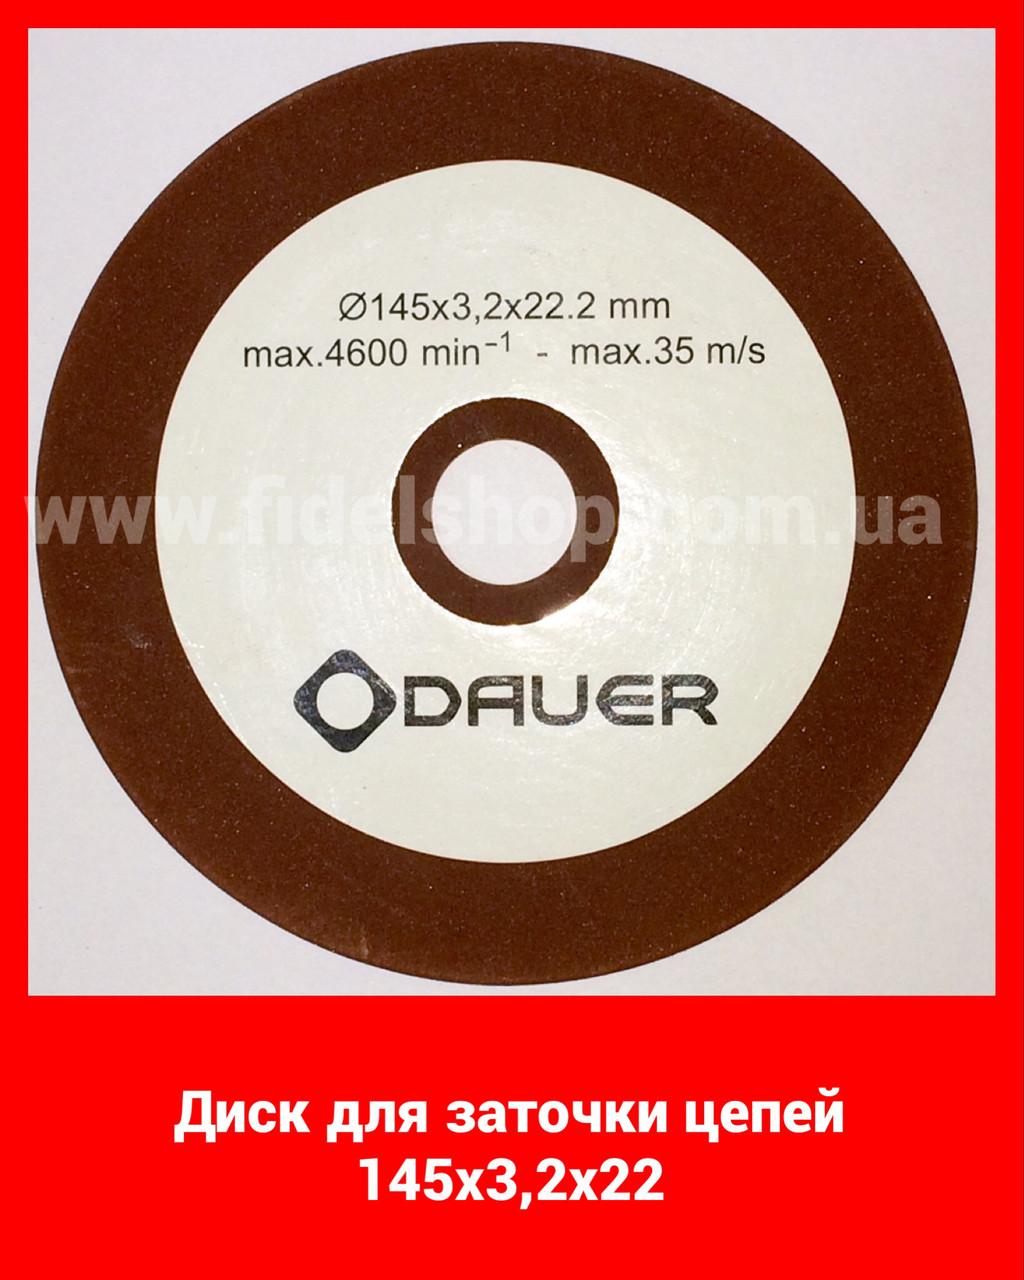 Диск для заточки цепей Dauer 145х22х3,2 мм - Интернет-маркет Фидельшоп. Профессиональное качество по лучшим ценам! в Днепре